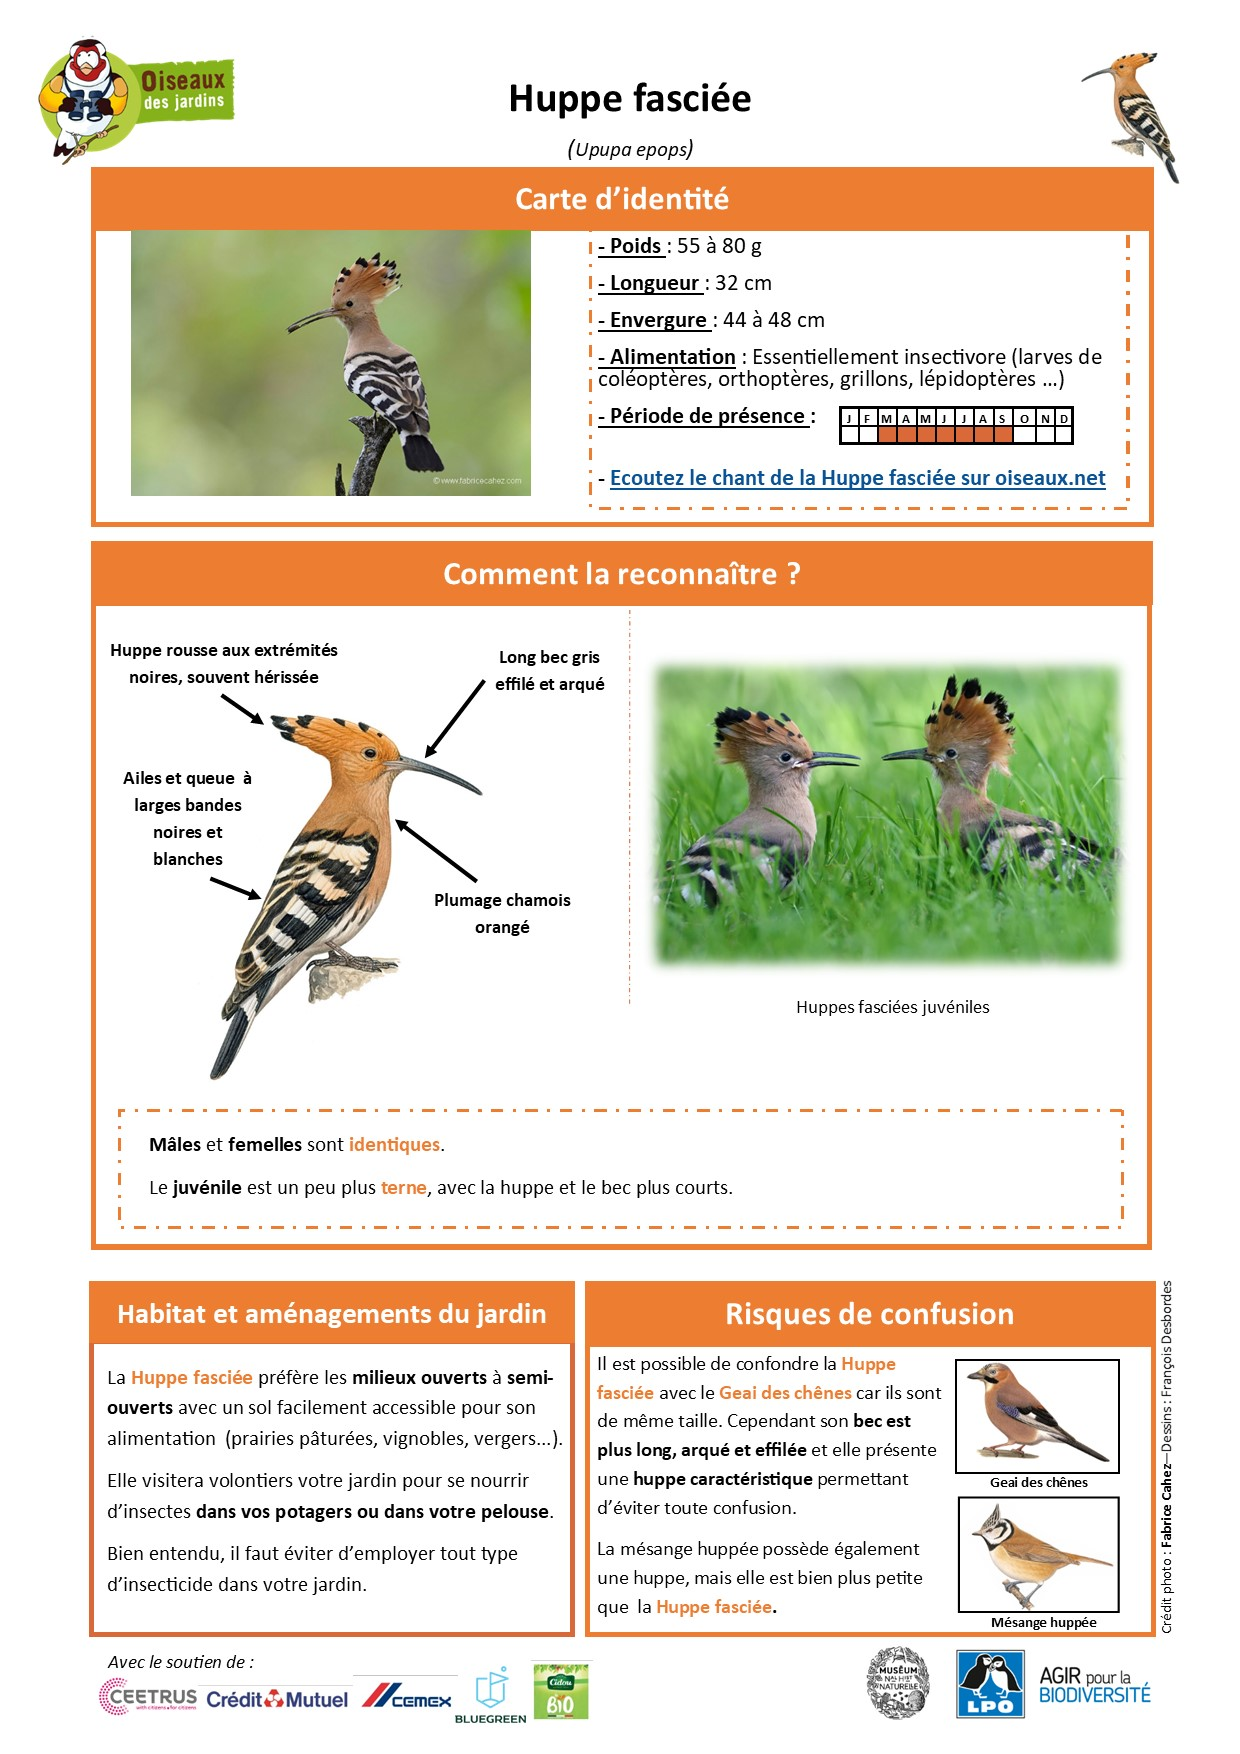 https://cdnfiles2.biolovision.net/www.oiseauxdesjardins.fr/userfiles/Fichesespces/FicheespceHFA-Compress.jpg